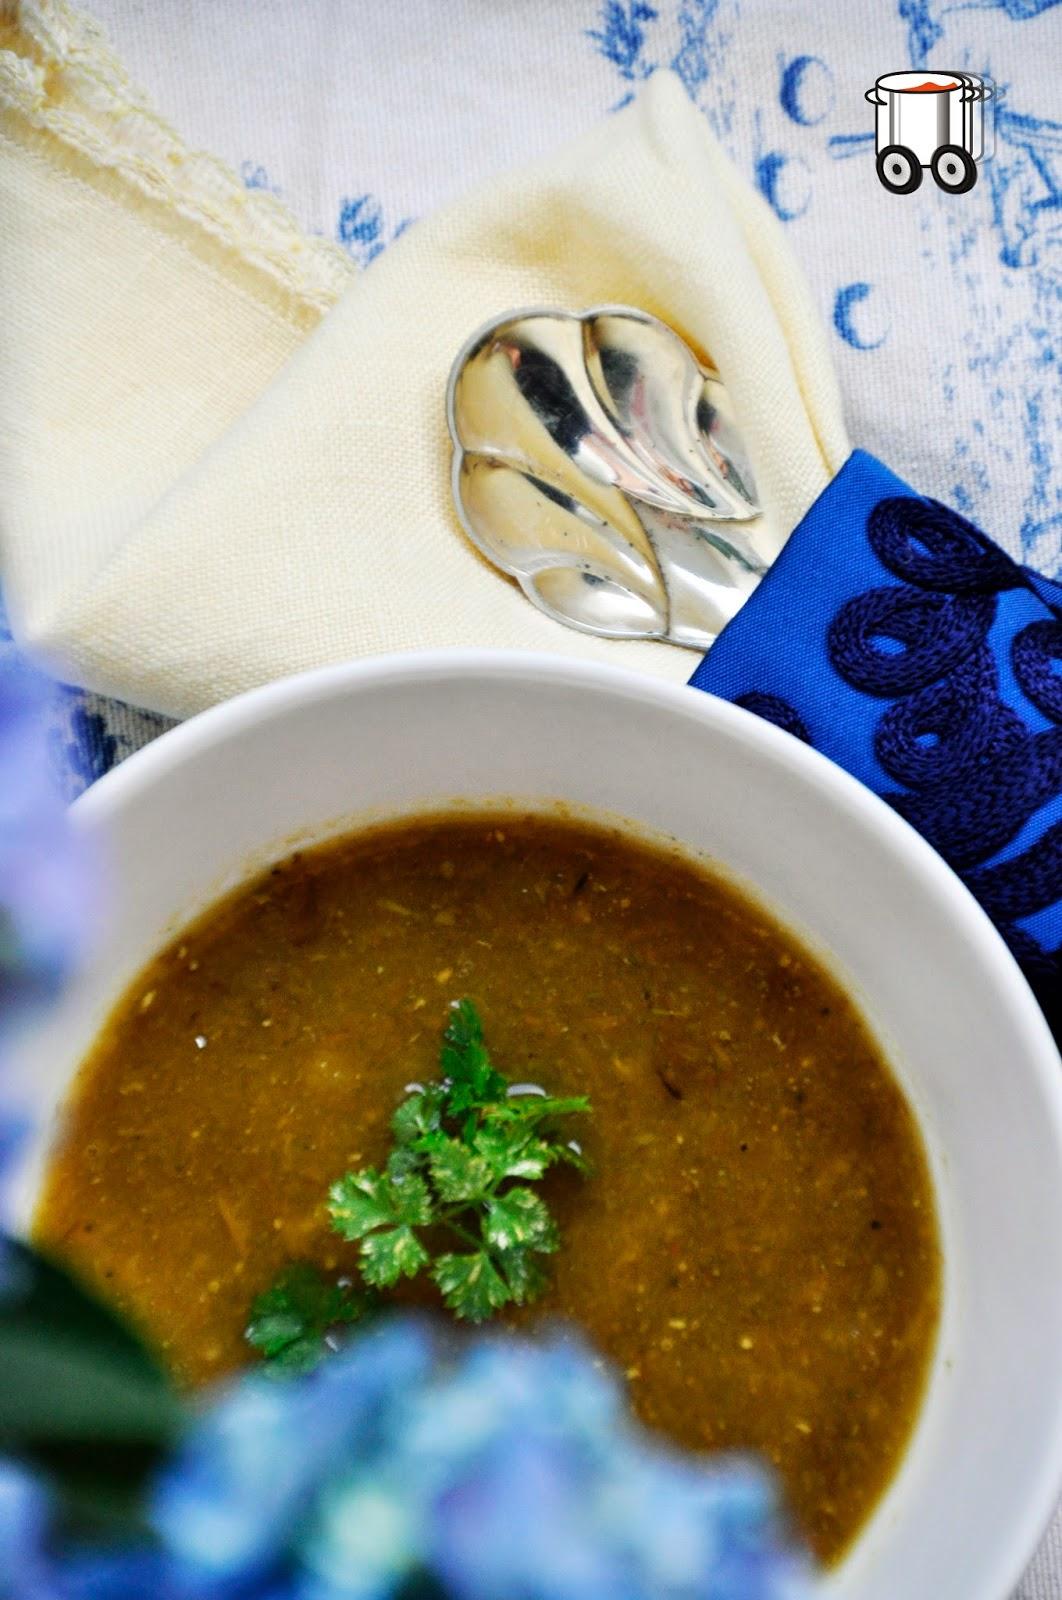 Szybko Tanio Smacznie -Pikantna i słoneczna wegańska zupa